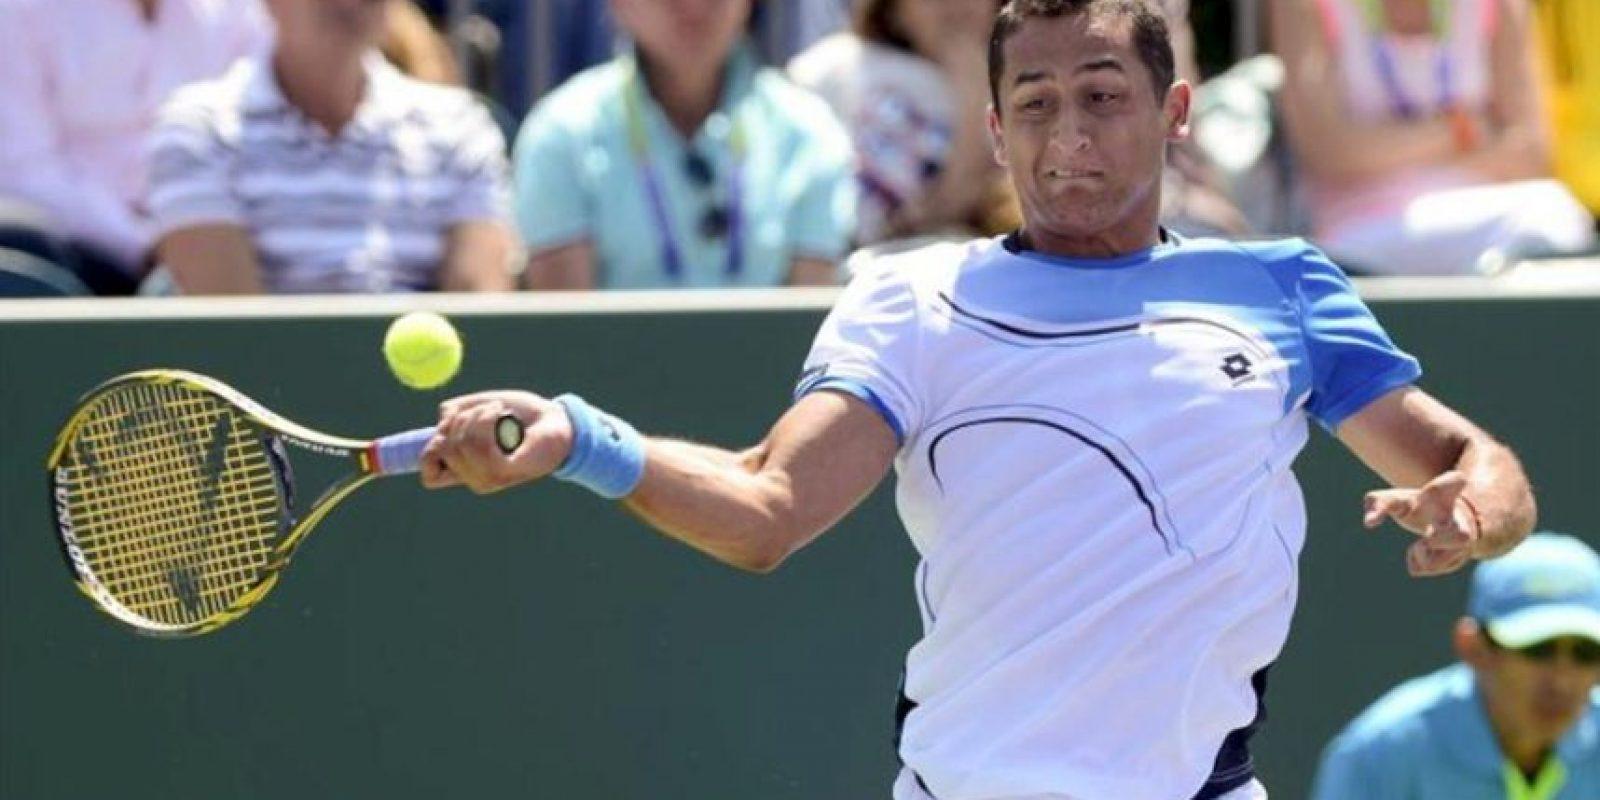 El tenista español Nicolás Almagro devuelve la bola al francés Richard Gasquet durante el partido de cuarta ronda del torneo de tenis de Miami que disputaron en Miami, Florida, Estados Unidos. EFE